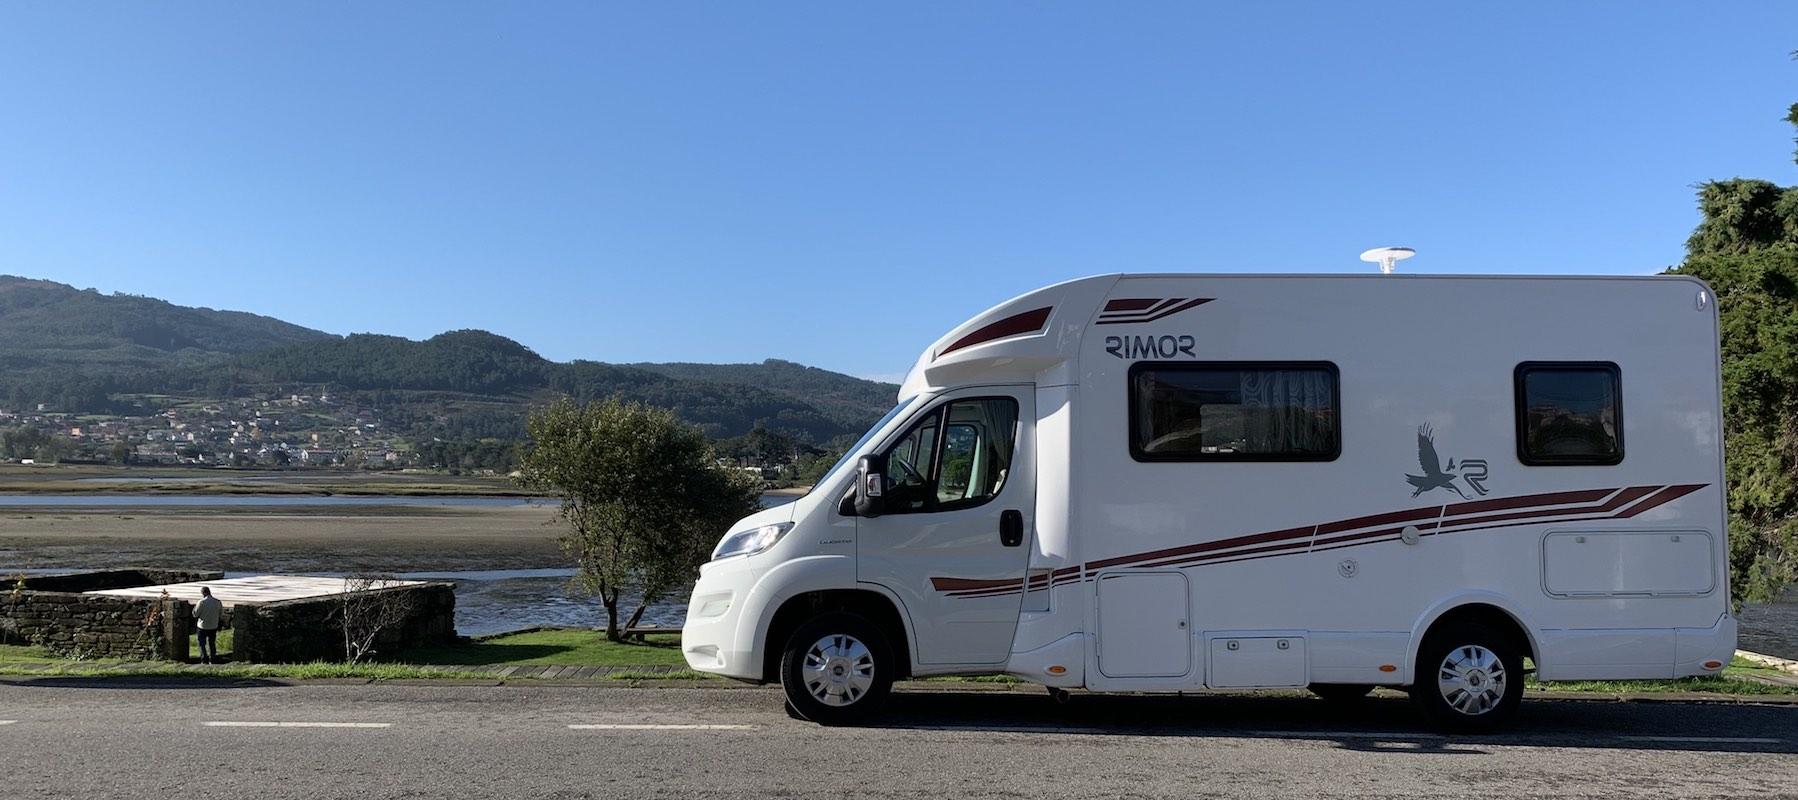 Batelarea - Alquiler y venta de autocaravanas en Vigo